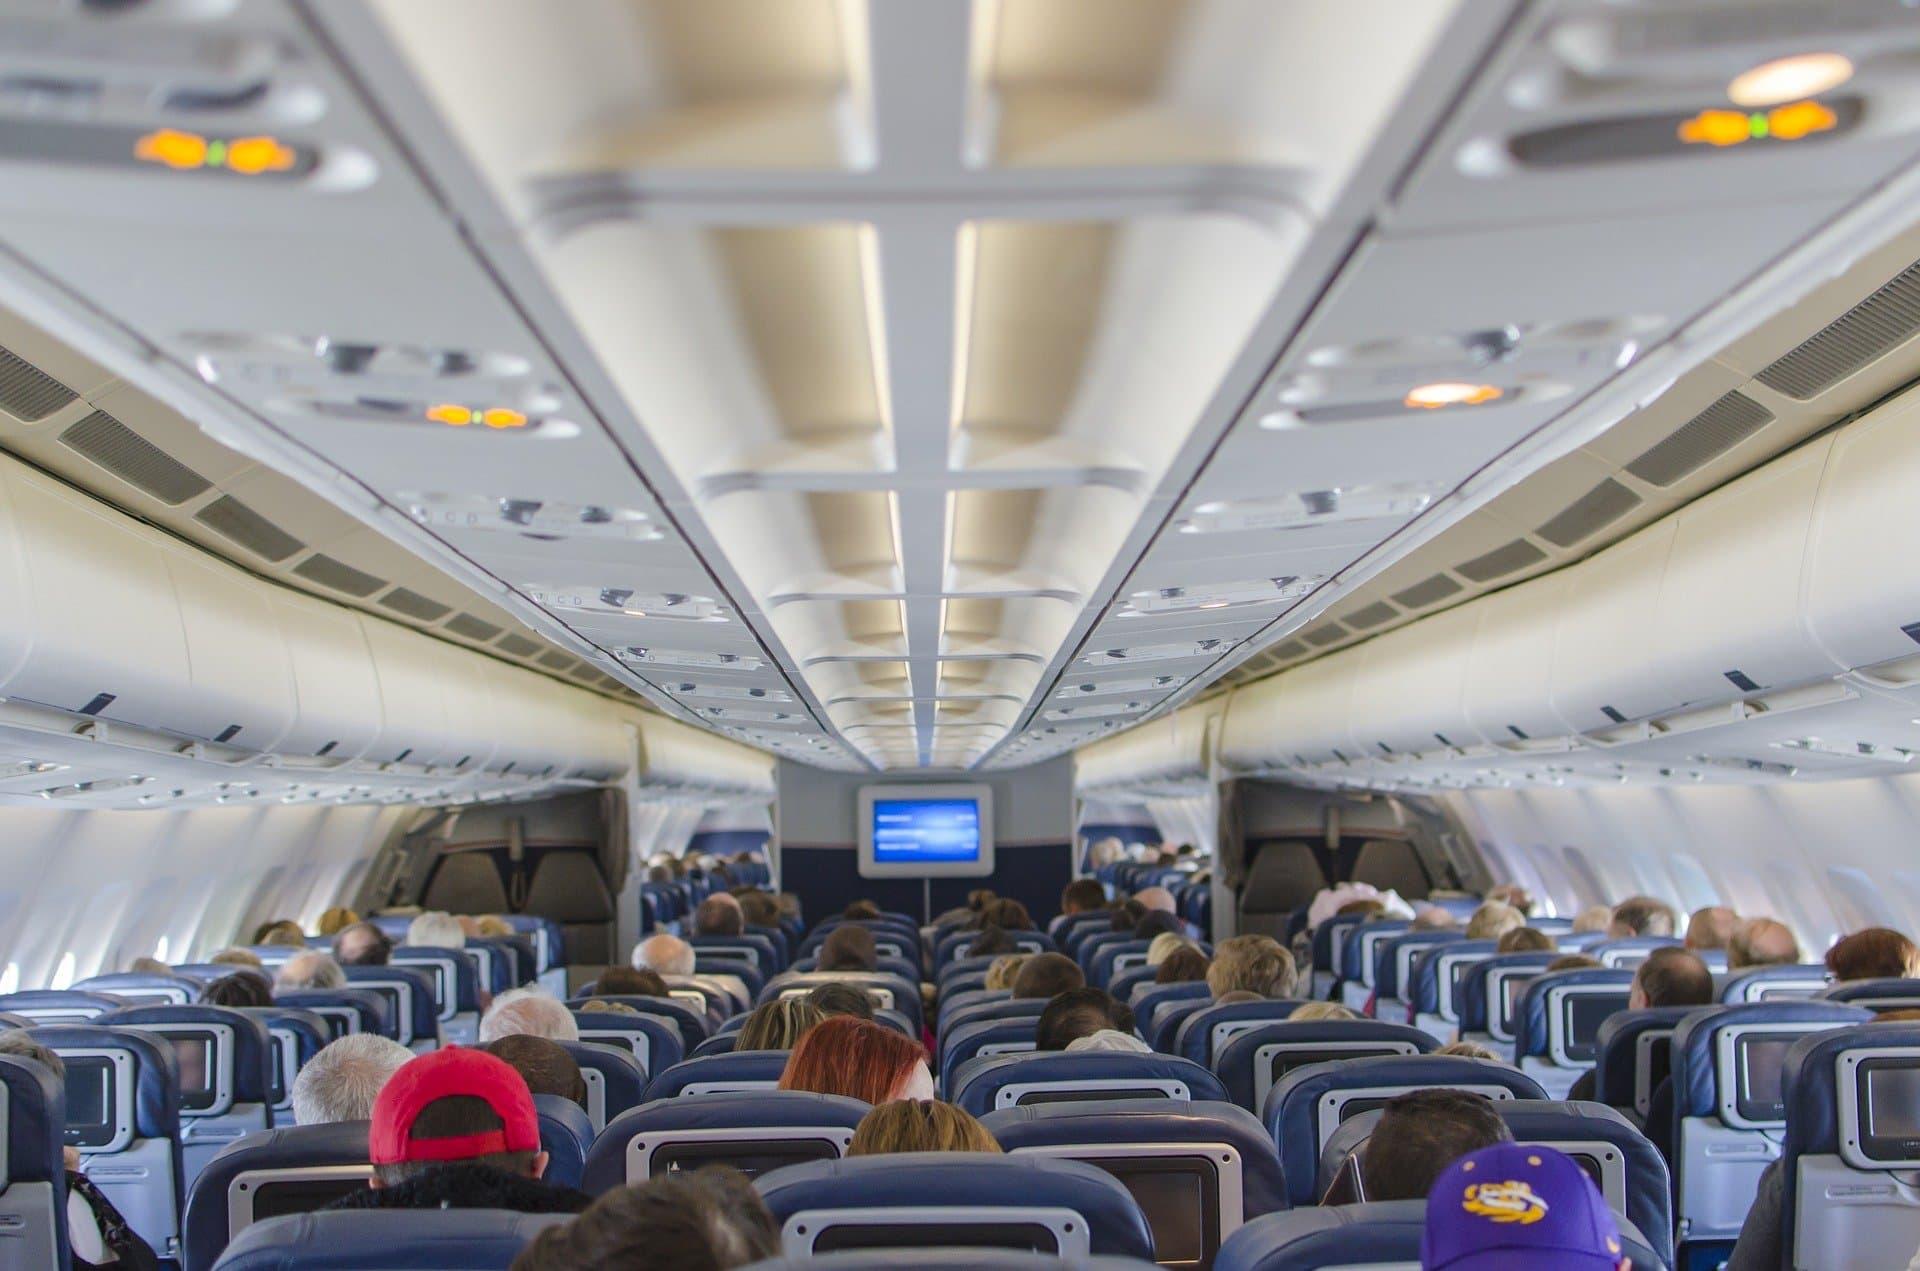 Rasoir, briquet, cigarette électronique… quels objets sont autorisés dans l'avion ?